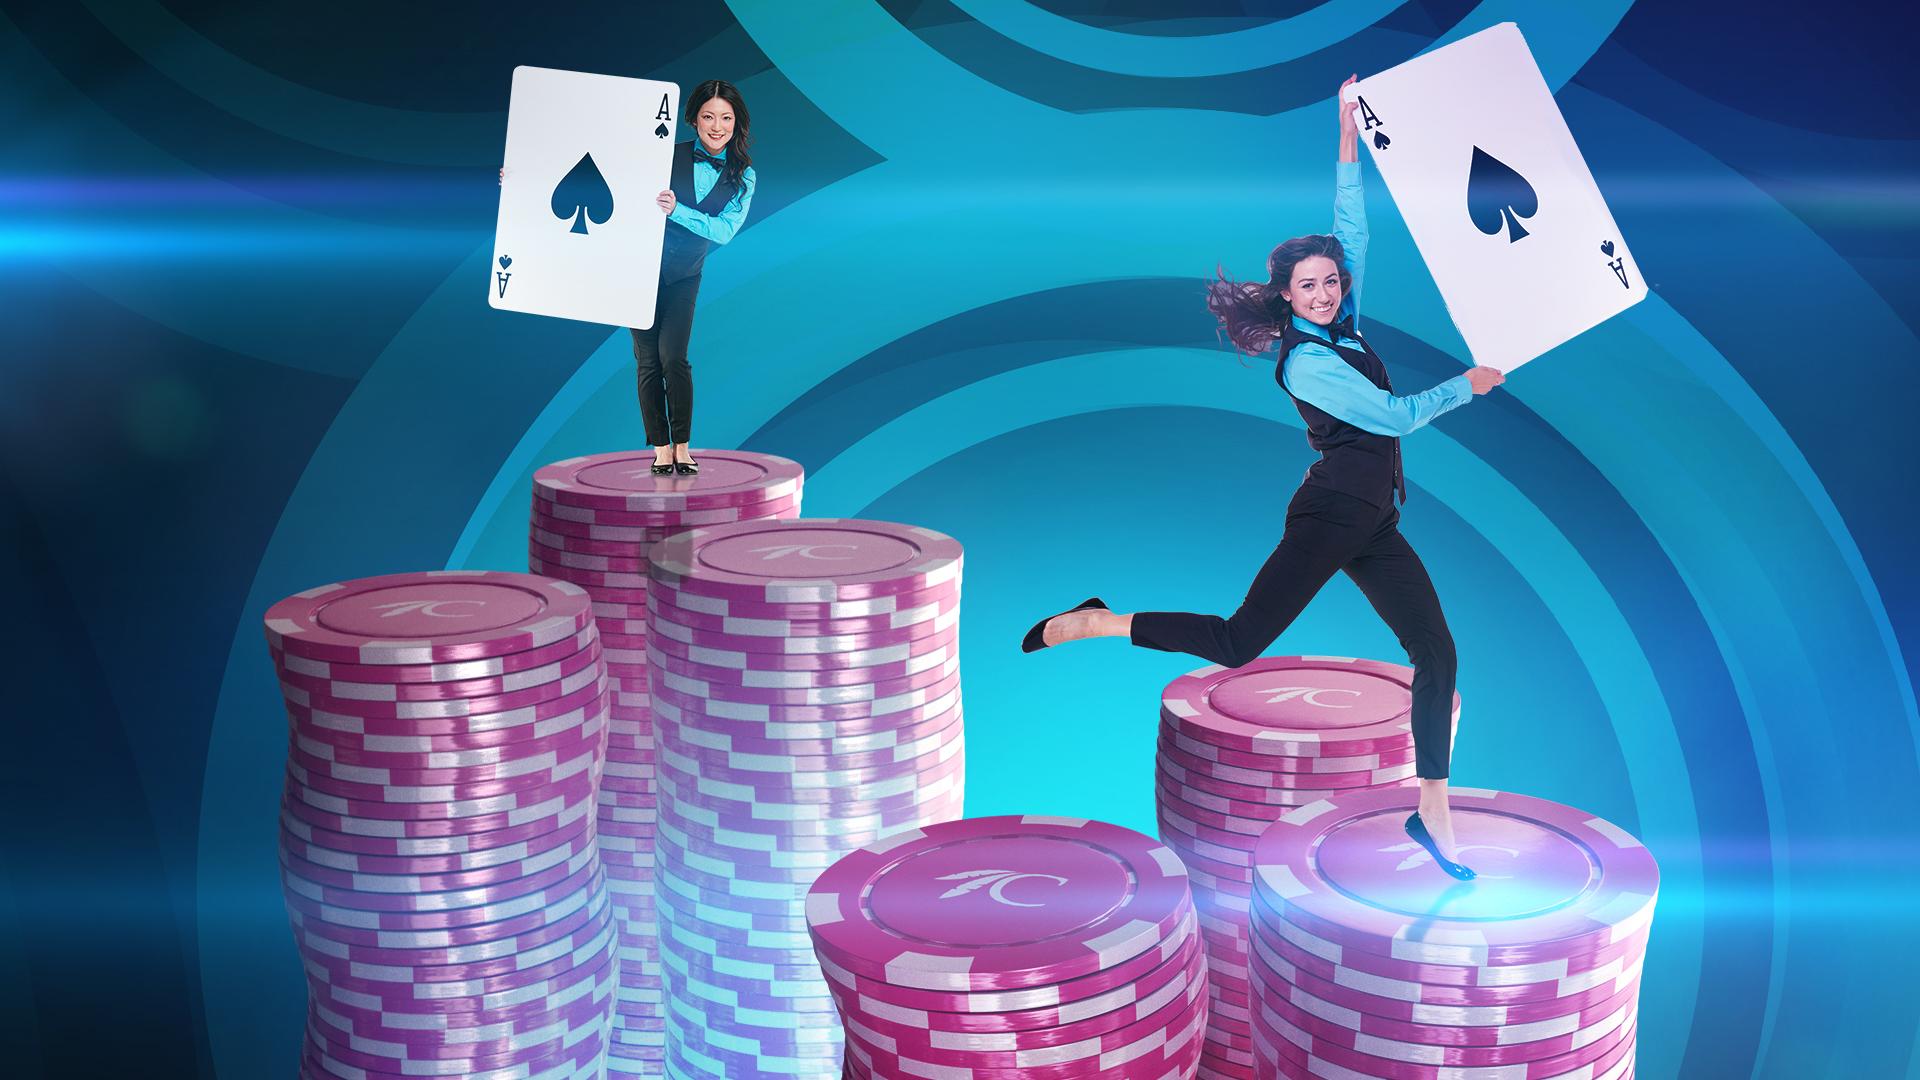 daniel-margiotta-chips-stacking-wide-v001.jpg